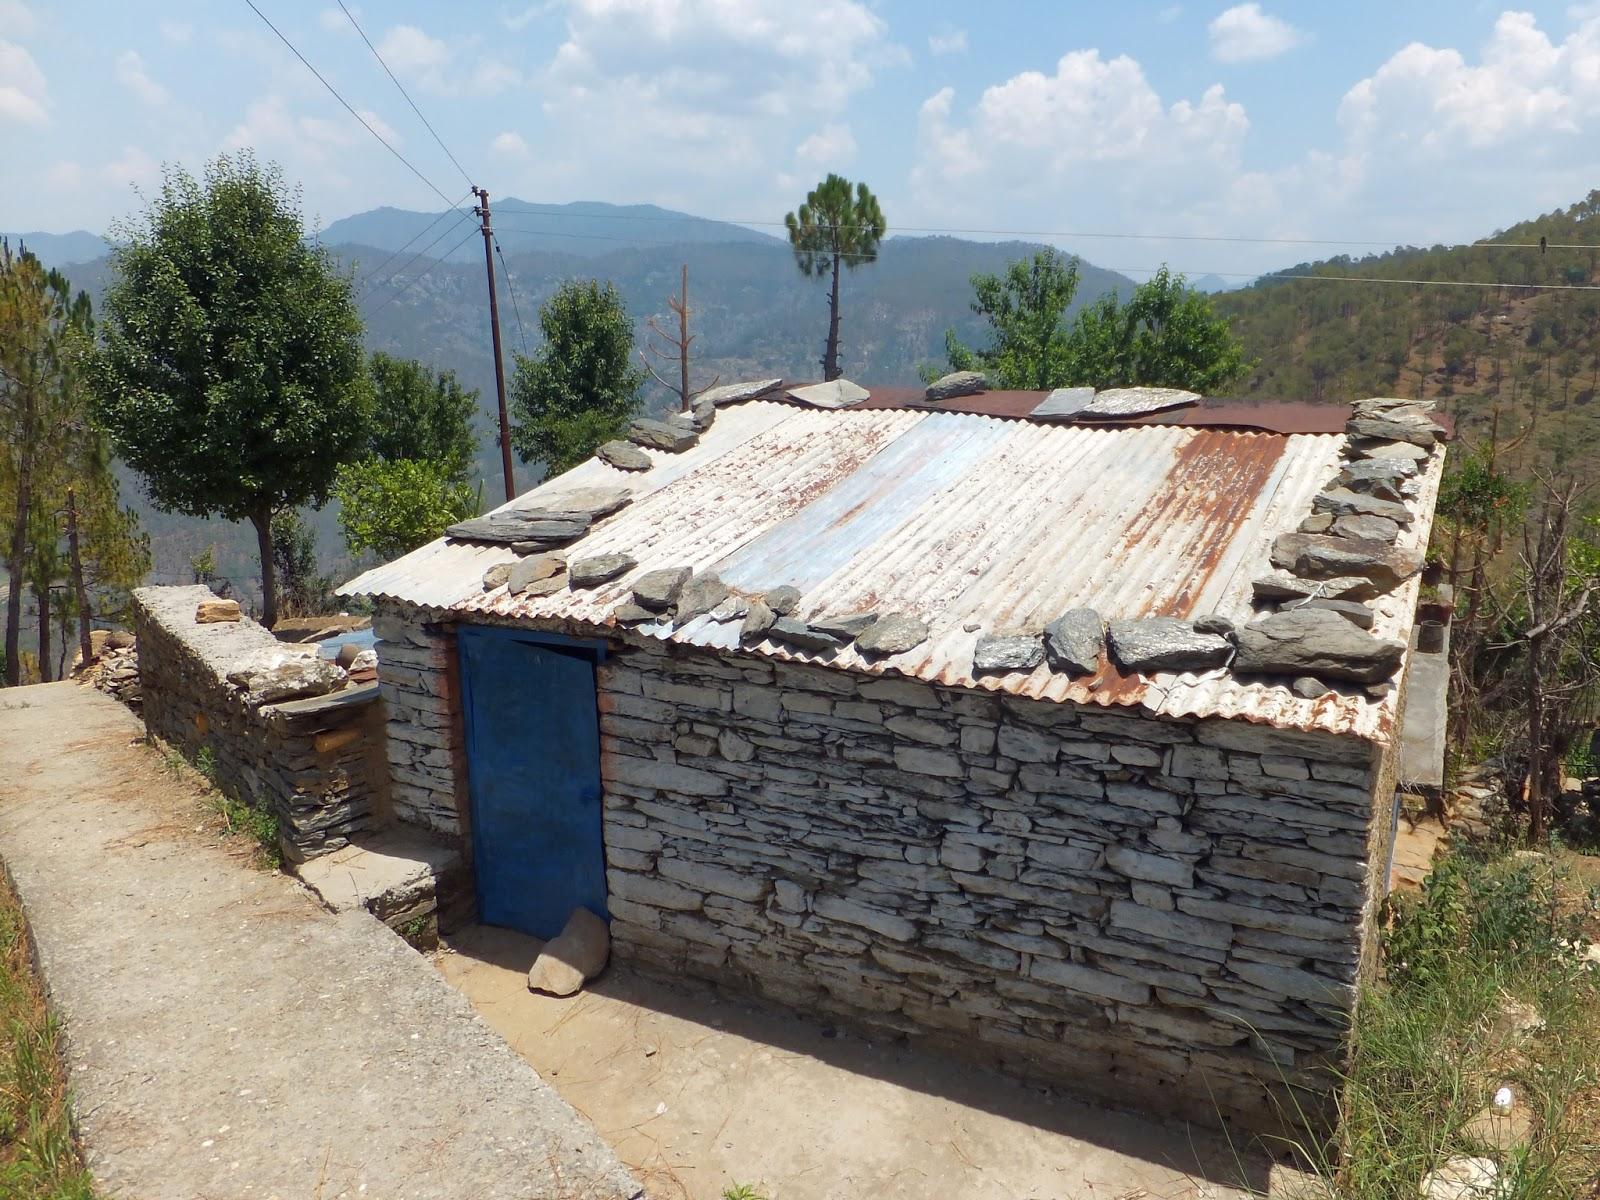 крыша дома в Индии укрепленная камнями